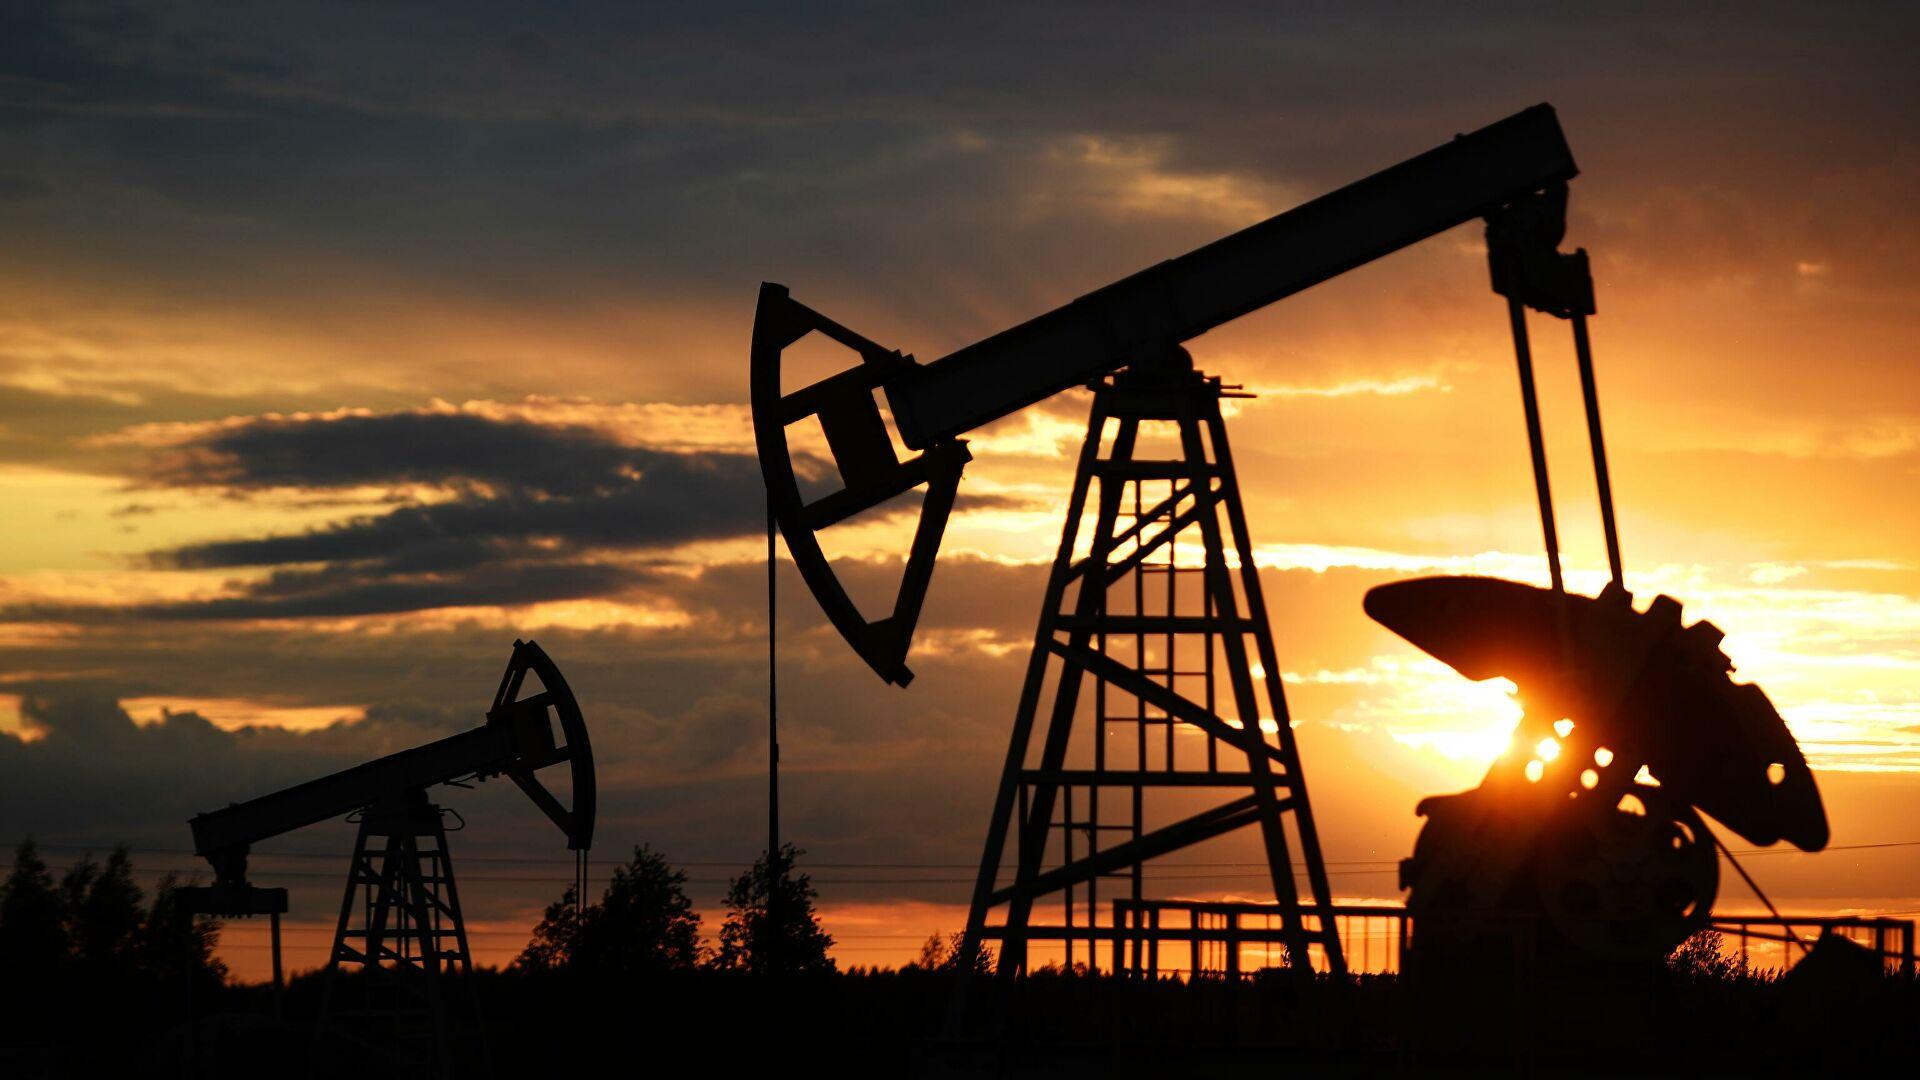 Kozlov: Zalihe svih rezervi nafte sa postojećom proizvodnjom su za još 59 godina, a prirodnog gasa 103 godine